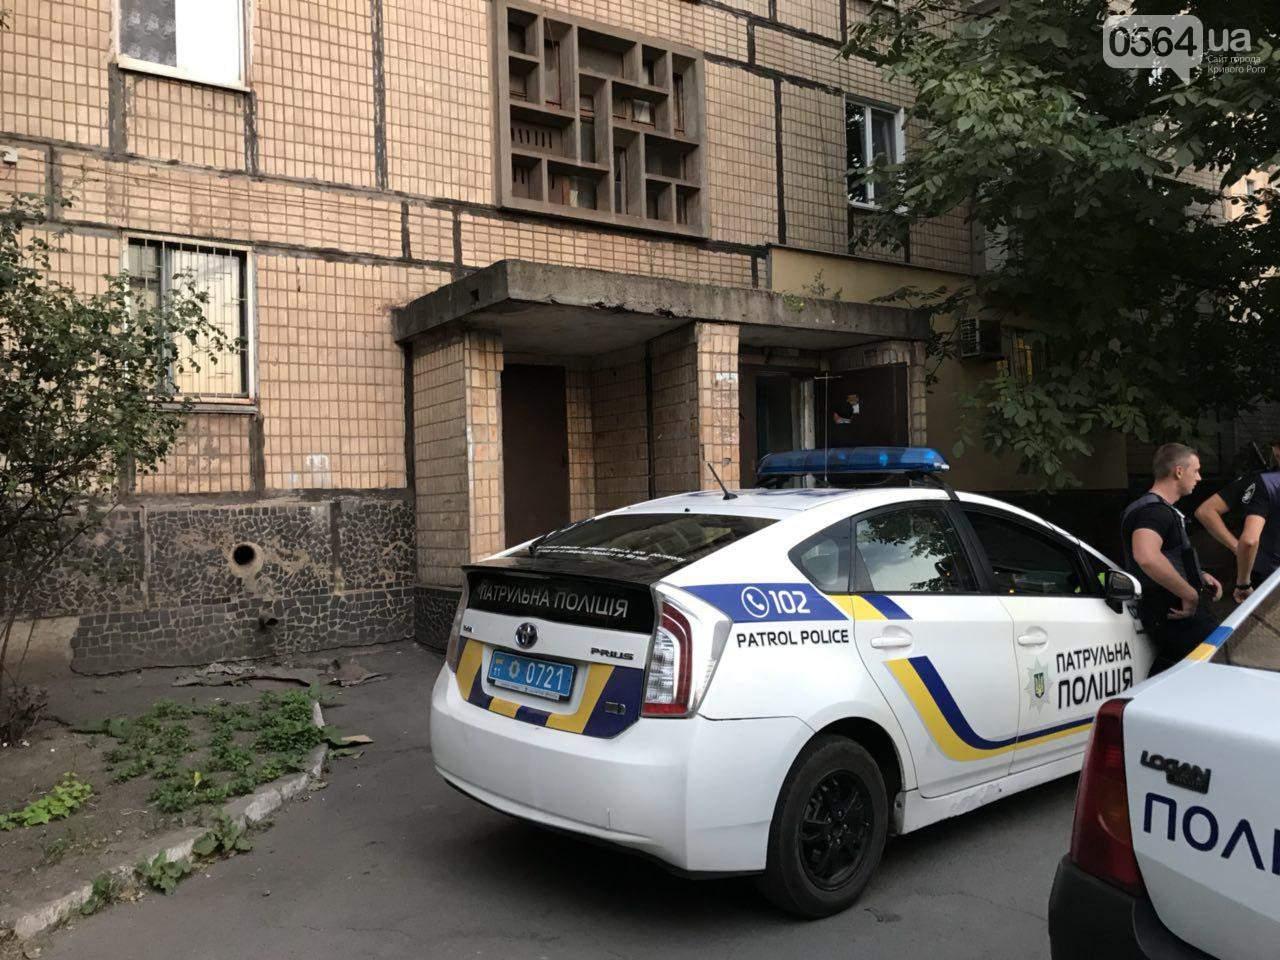 В Кривом Роге пьяный мужчина зарезал местного жителя